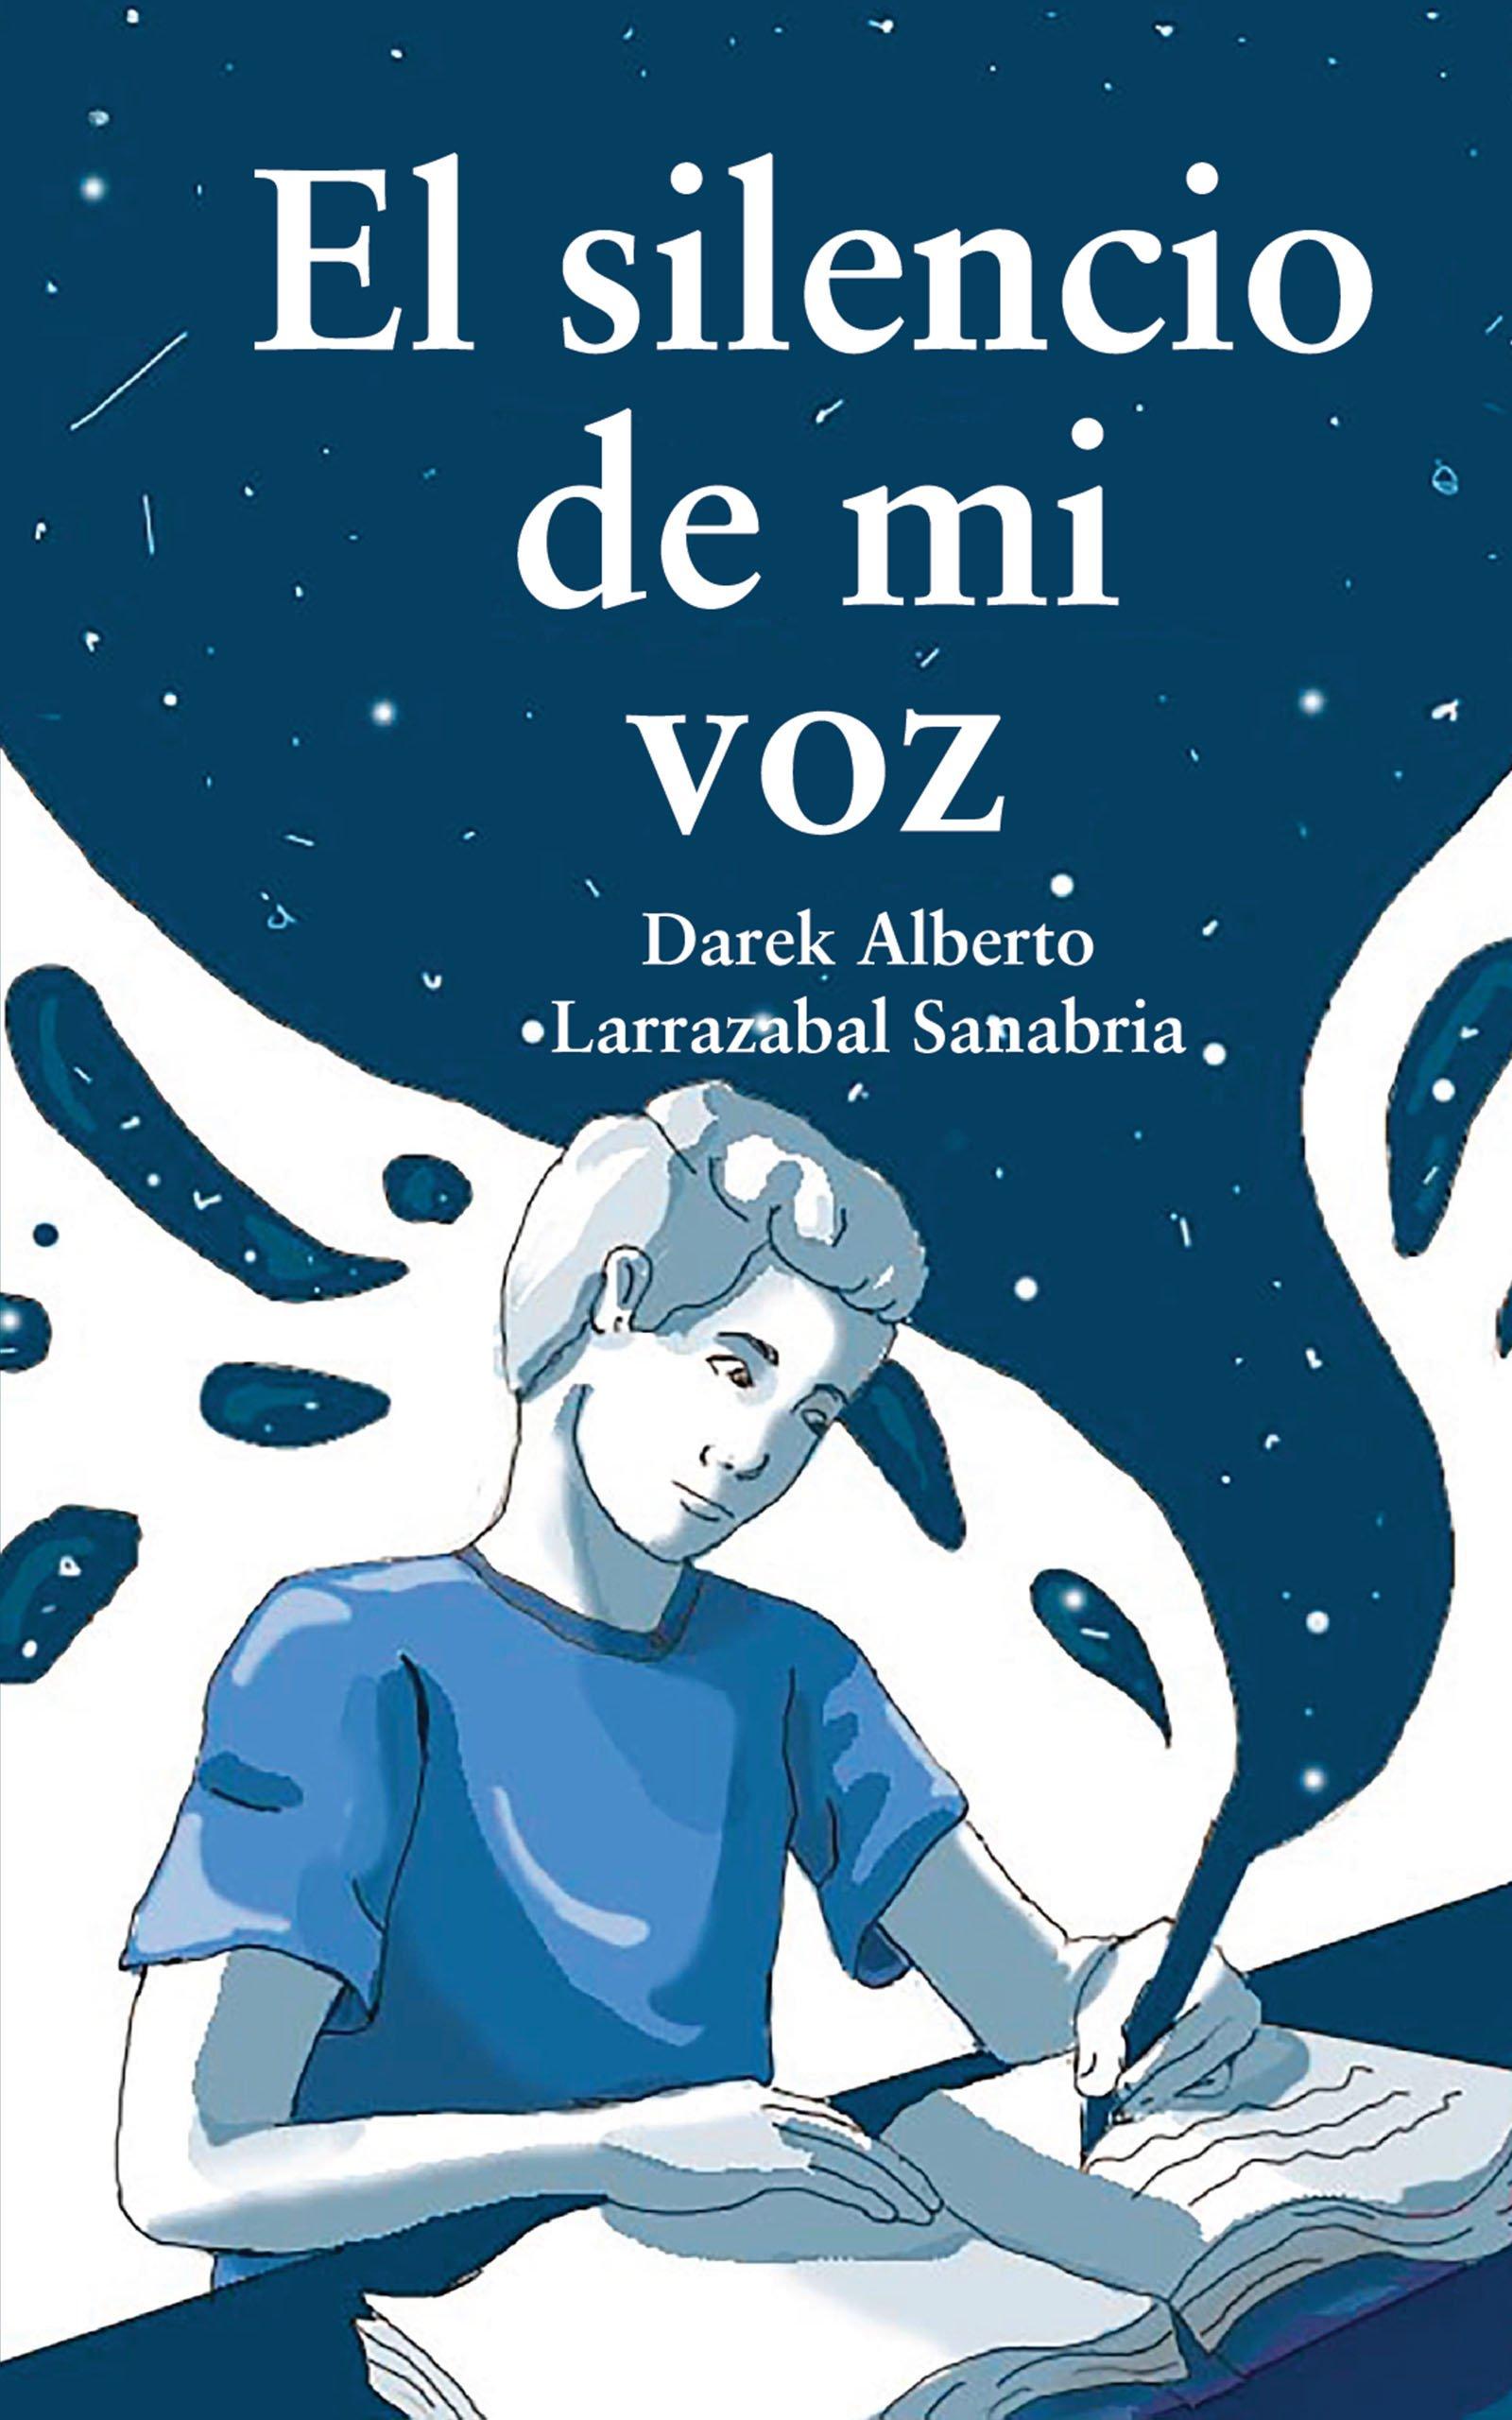 El silencio de mi voz, de Darek Alberto Larrazabal Sanabria